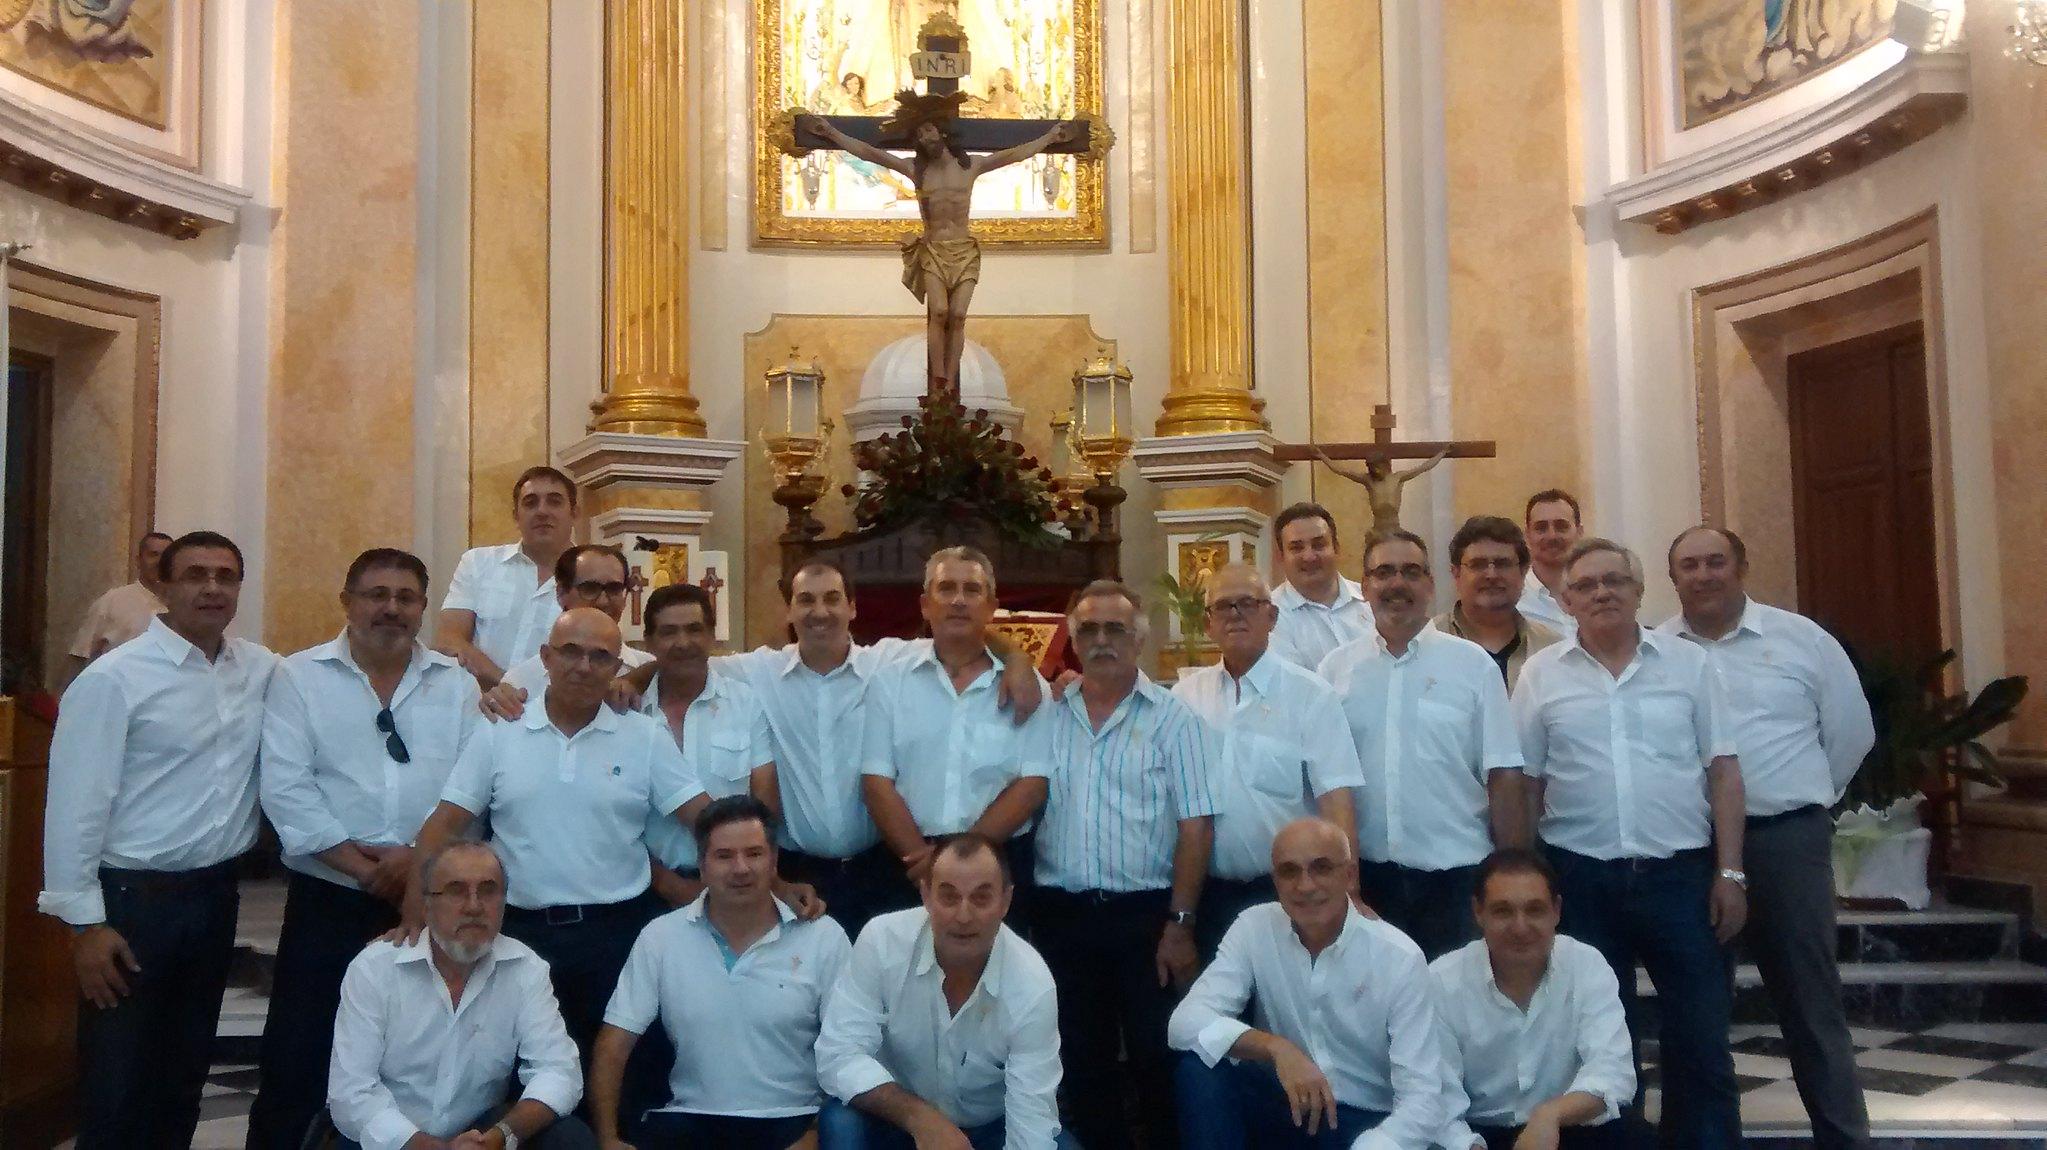 (2014-06-27) - Eucaristía y bajada del Cristo - José Vicente Romero ripoll (04)